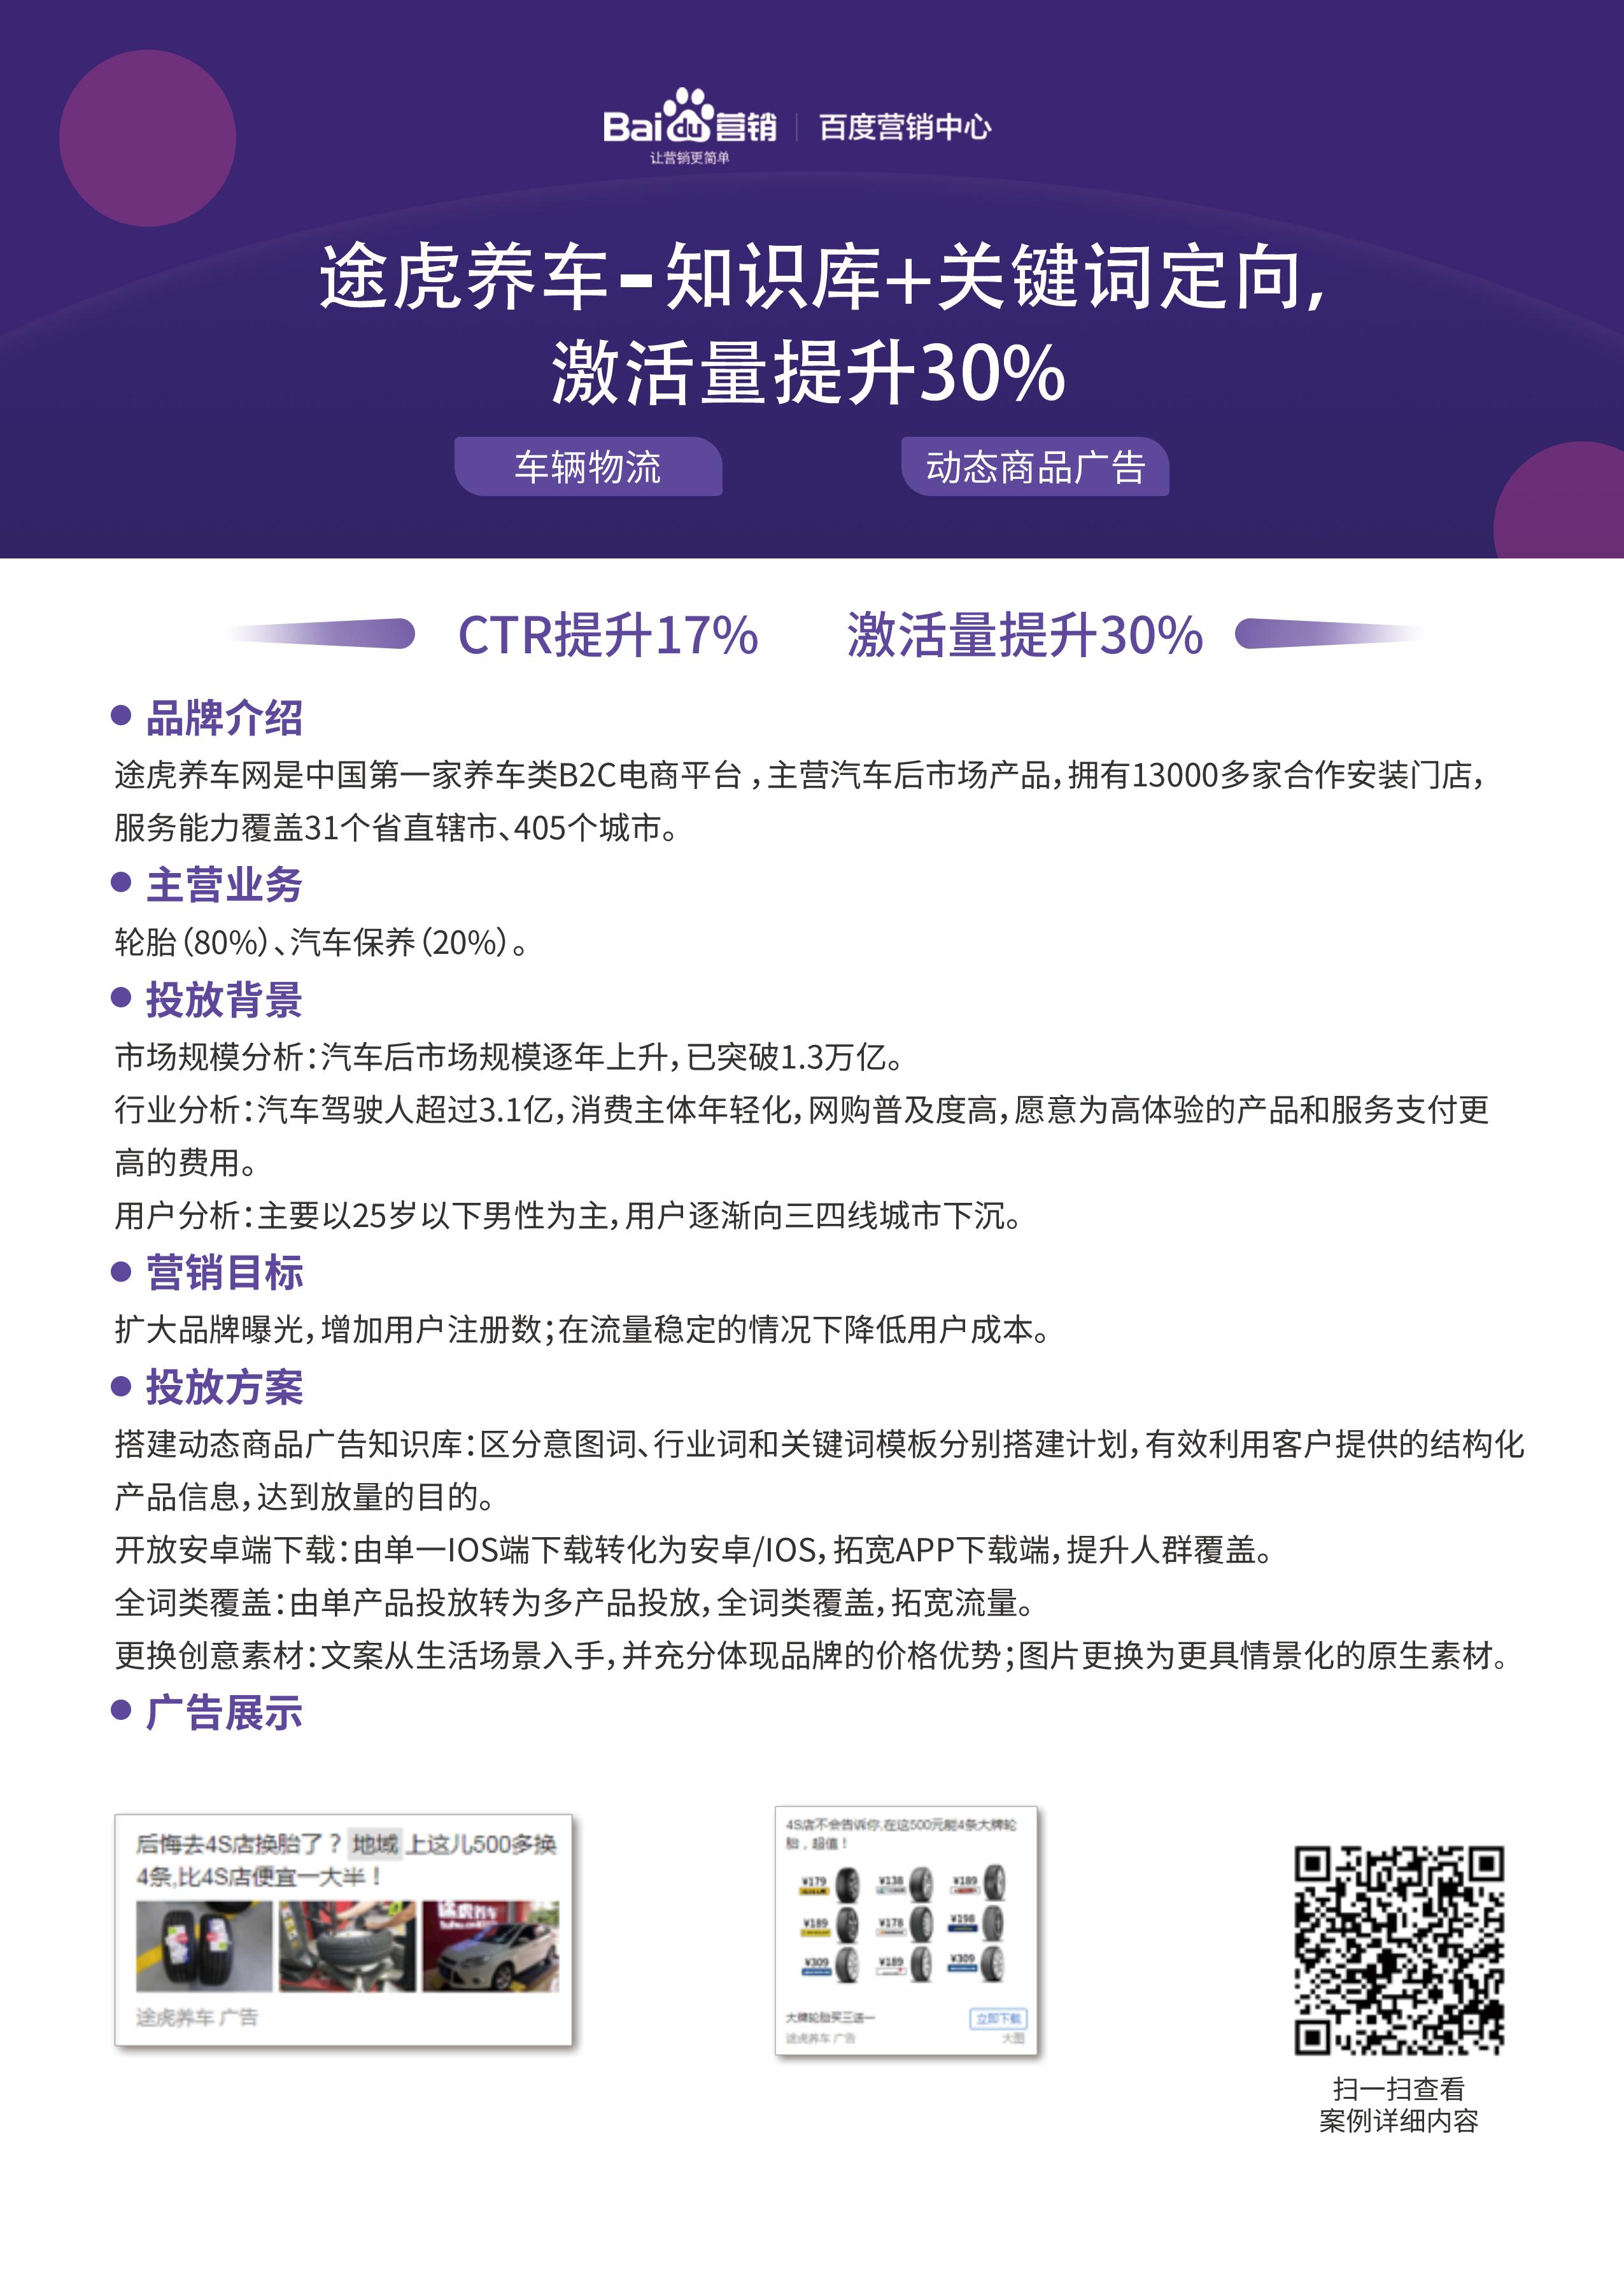 上海澜图DM.jpg